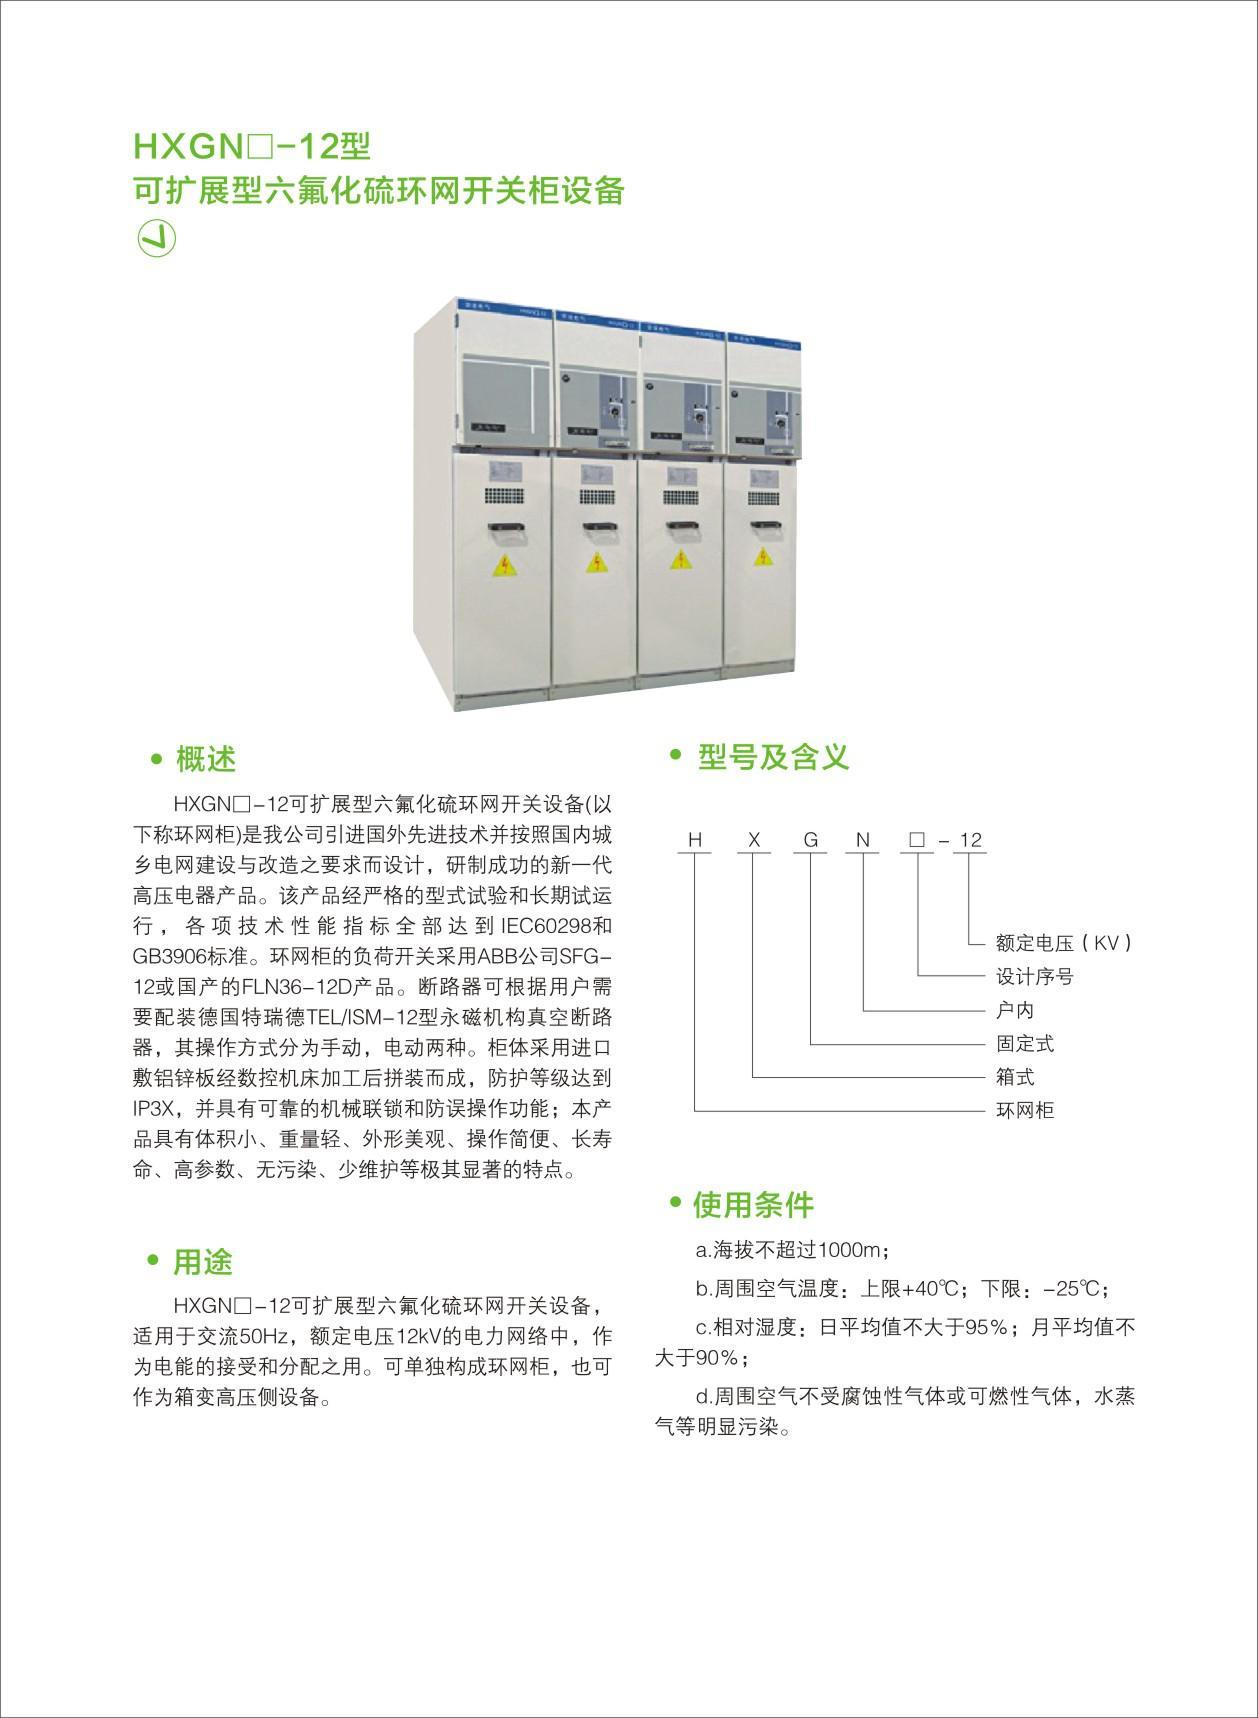 HXGN□-12型可扩大型六氟化硫环网开关柜装备-01